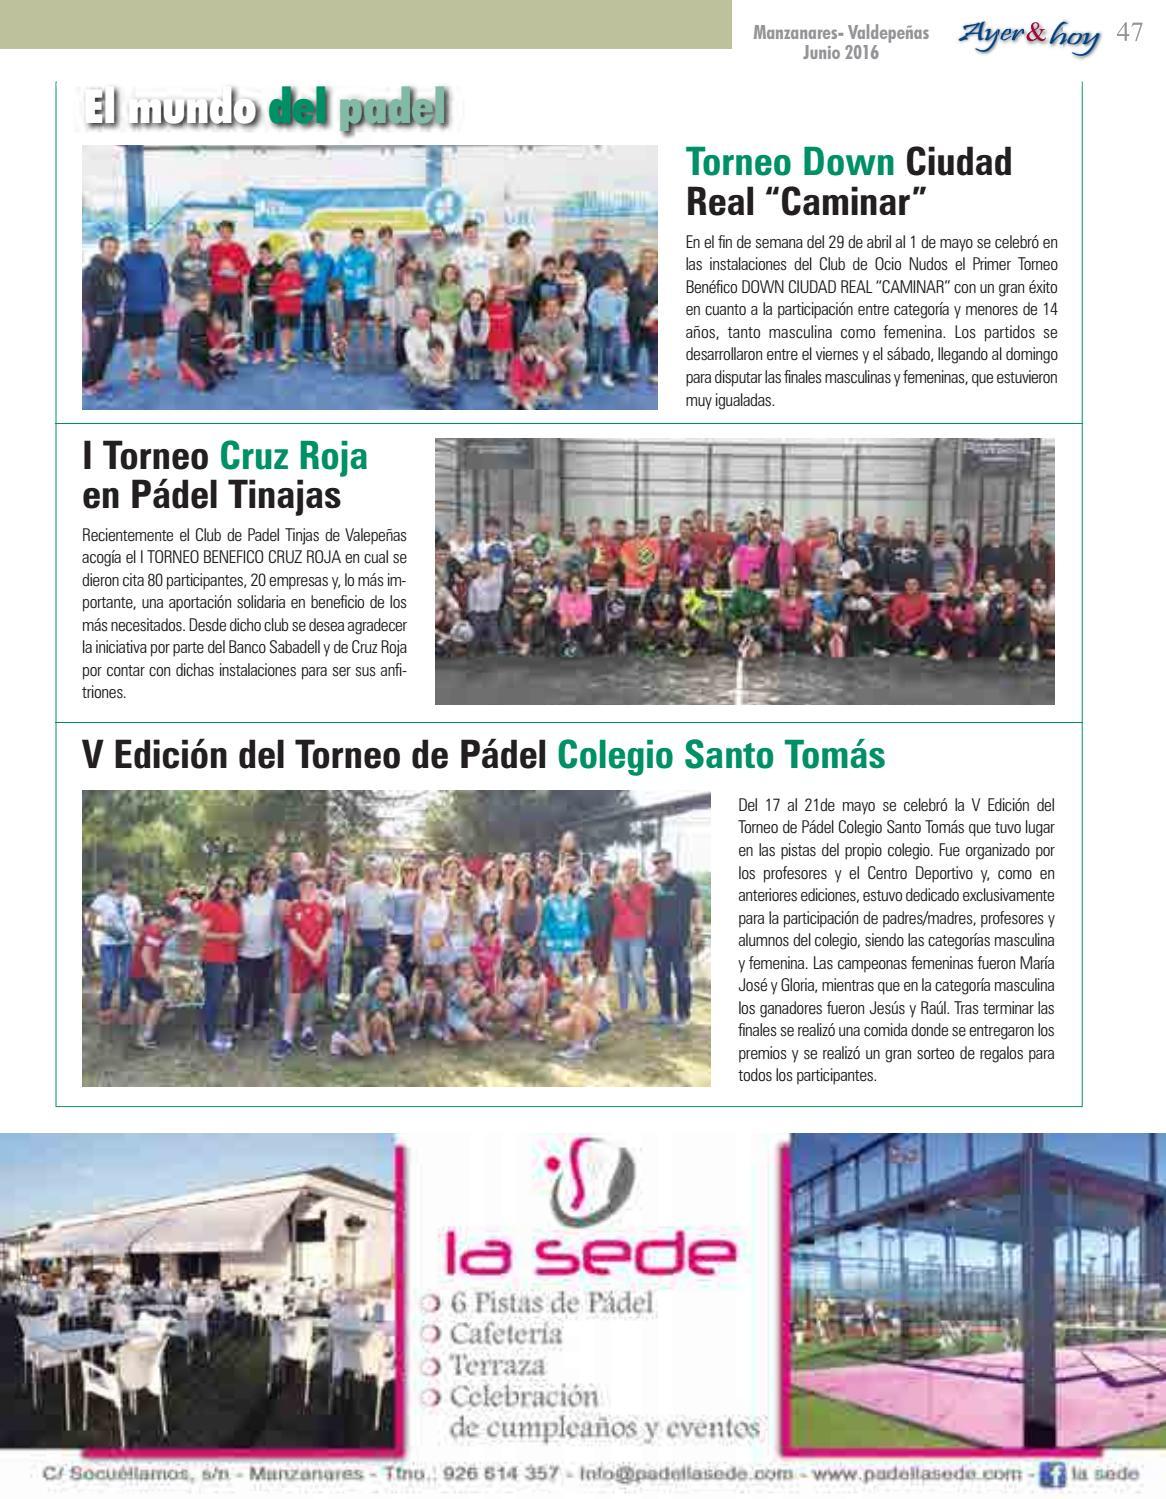 Ayer Hoy Manzanares Valdepeñas Revista Junio 2016 By